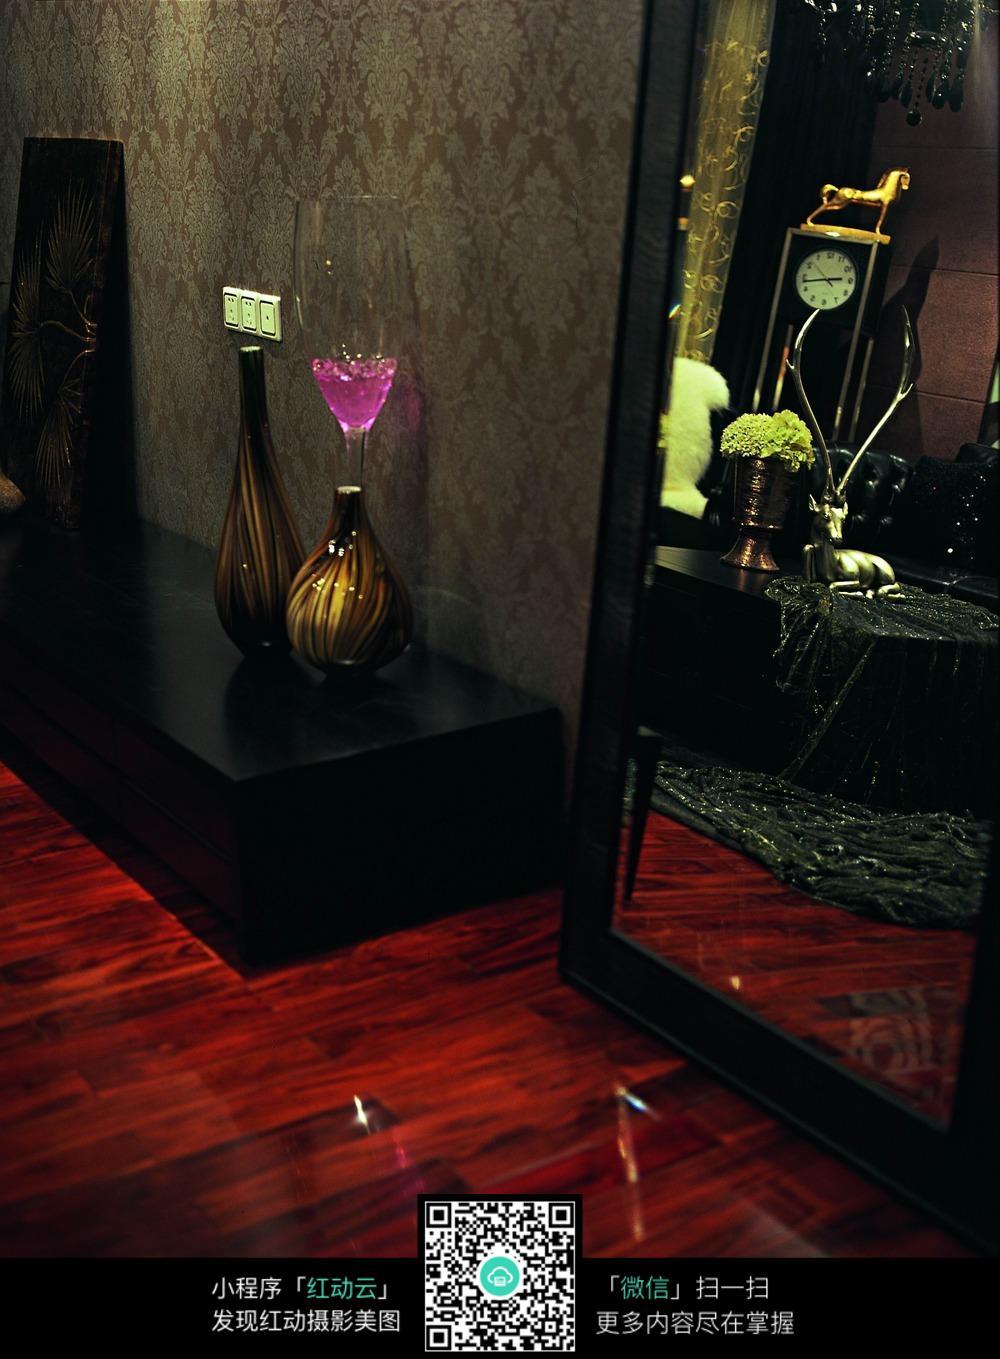 红木地板黑色柜子上的花瓶